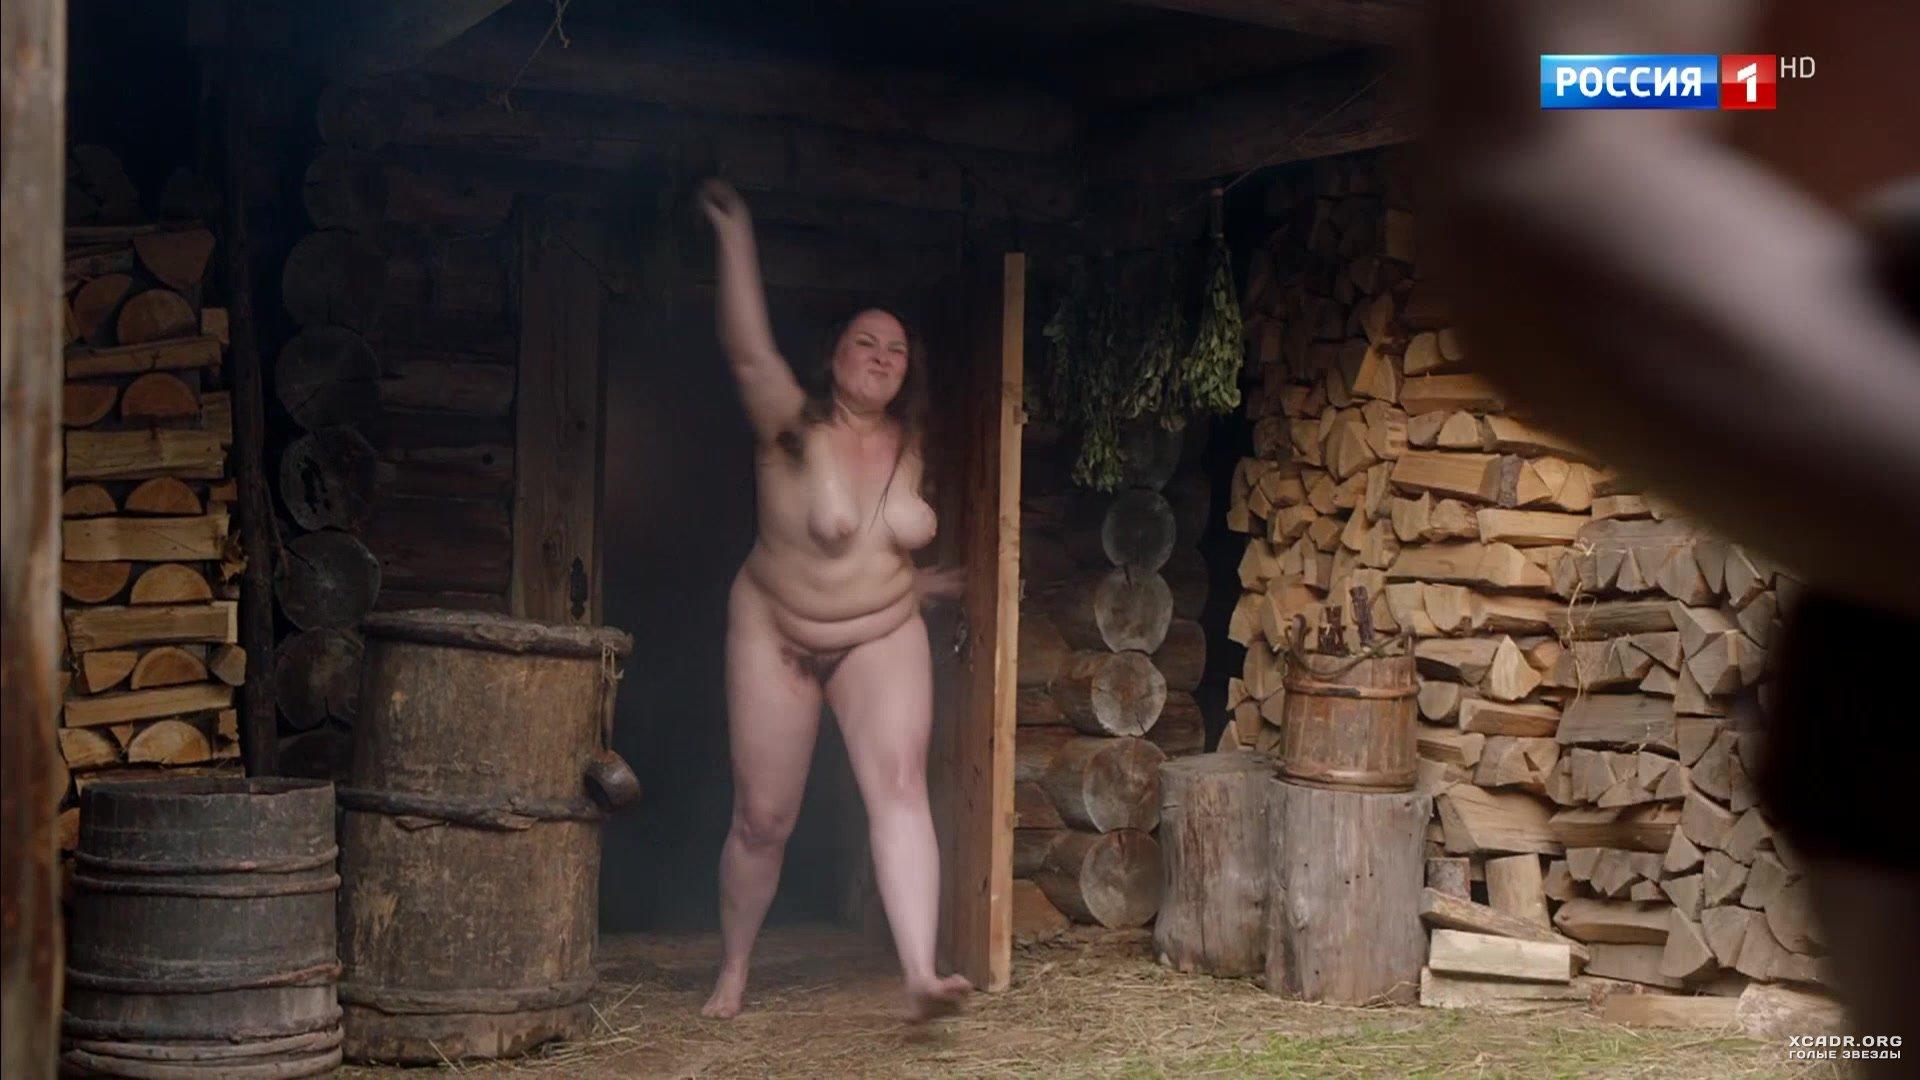 Какую смазку для анала применяют в порно фильмах хочется, чтобы